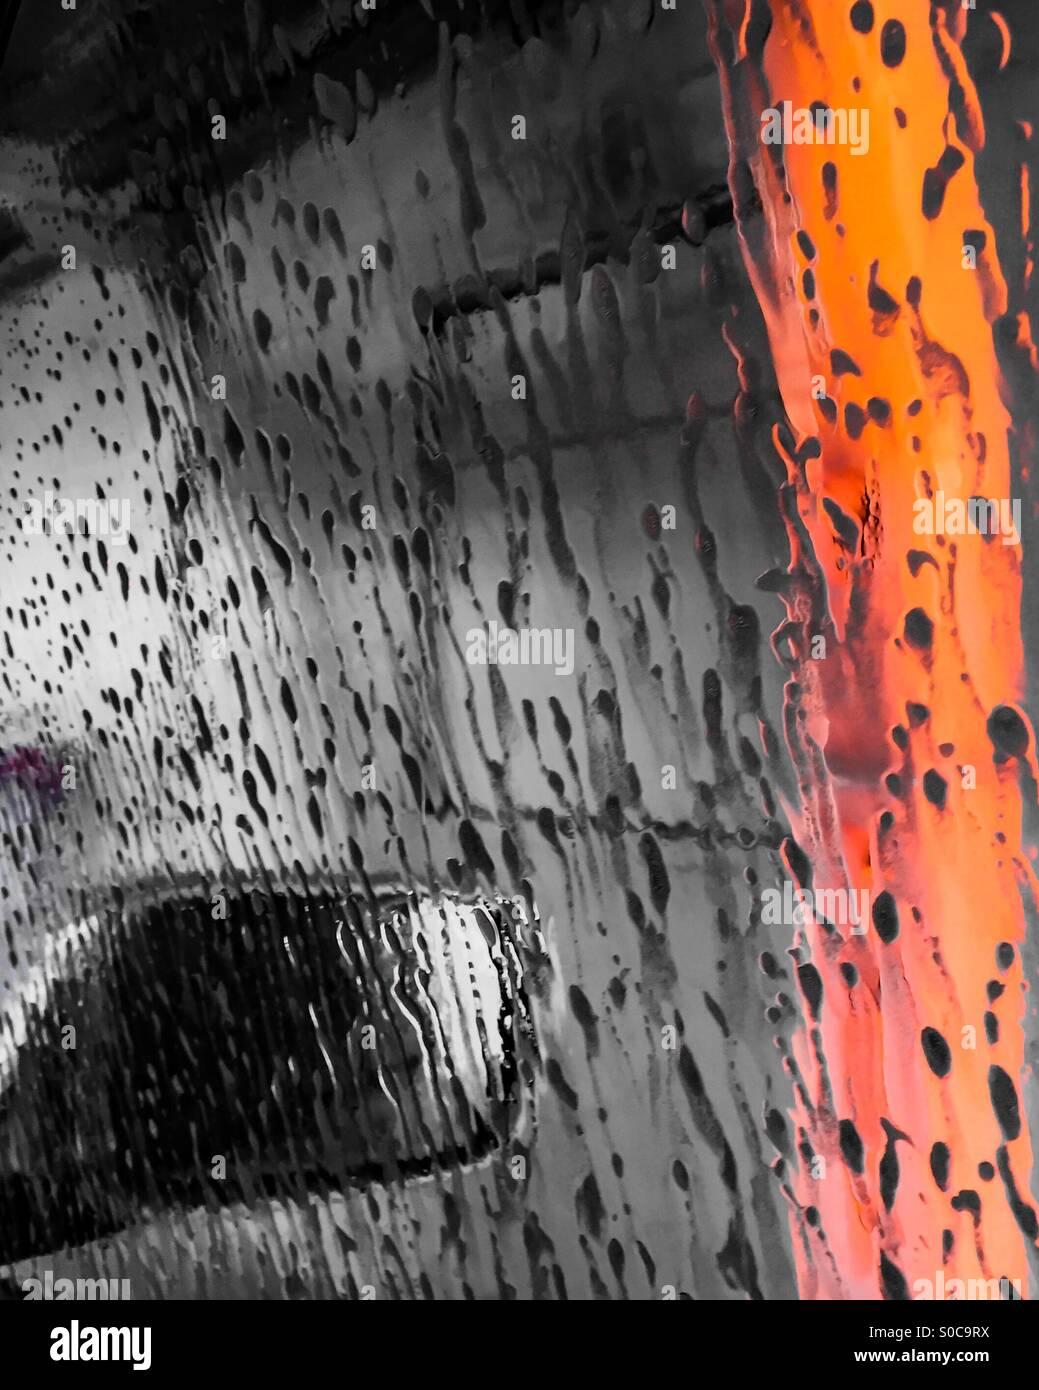 At the car wash. - Stock Image